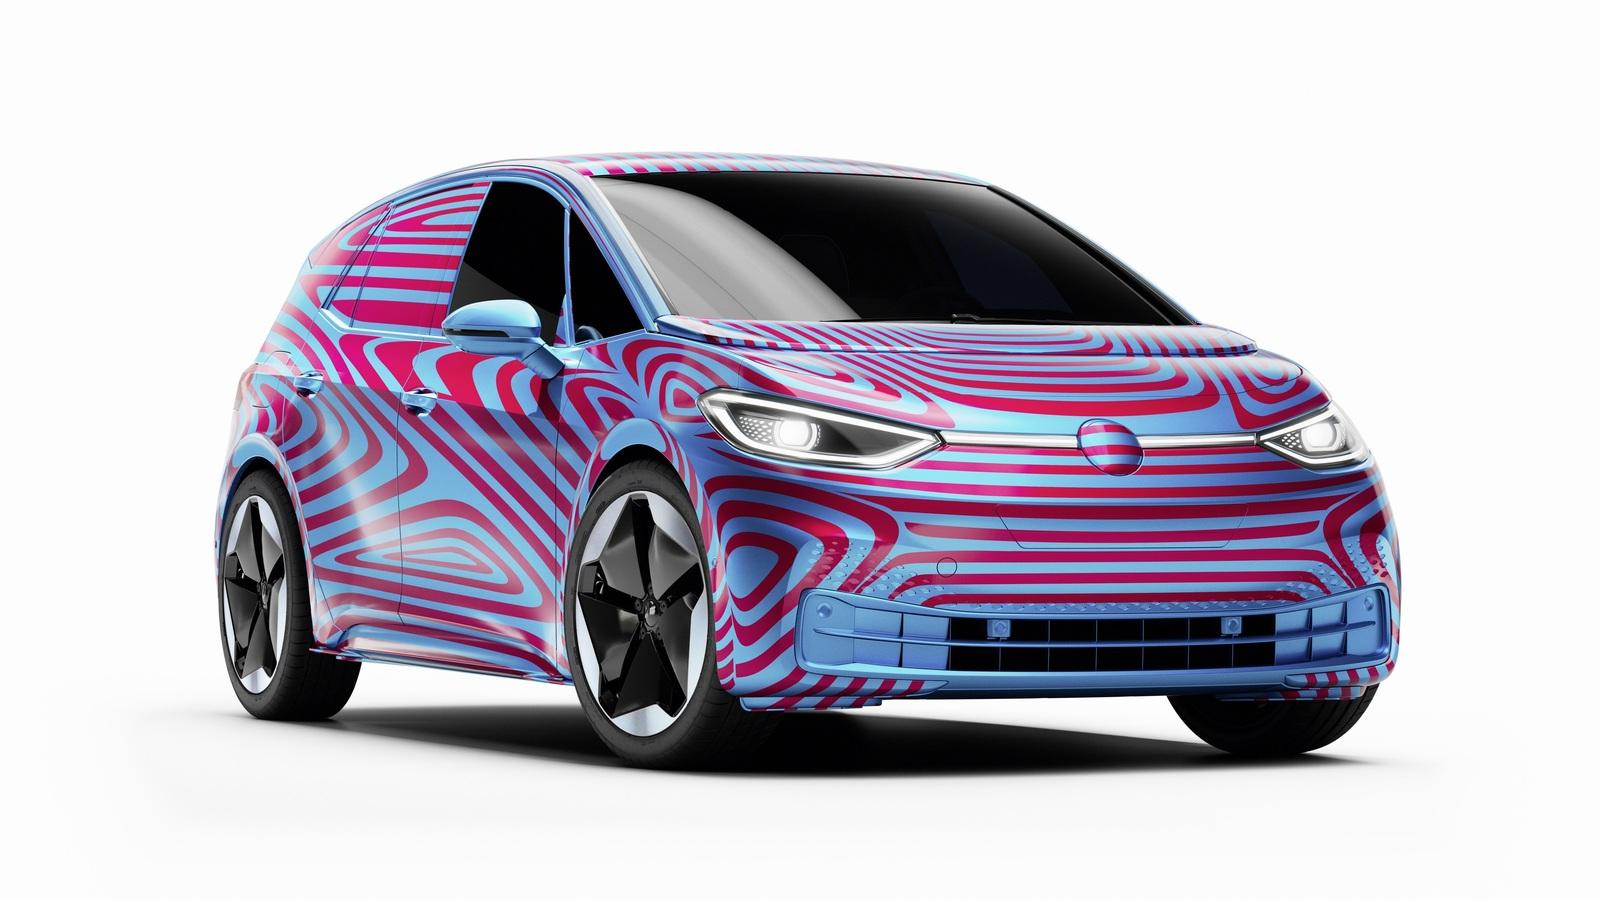 Первые изображения интерьера электрокара Volkswagen ID.3: вот так сюрприз!